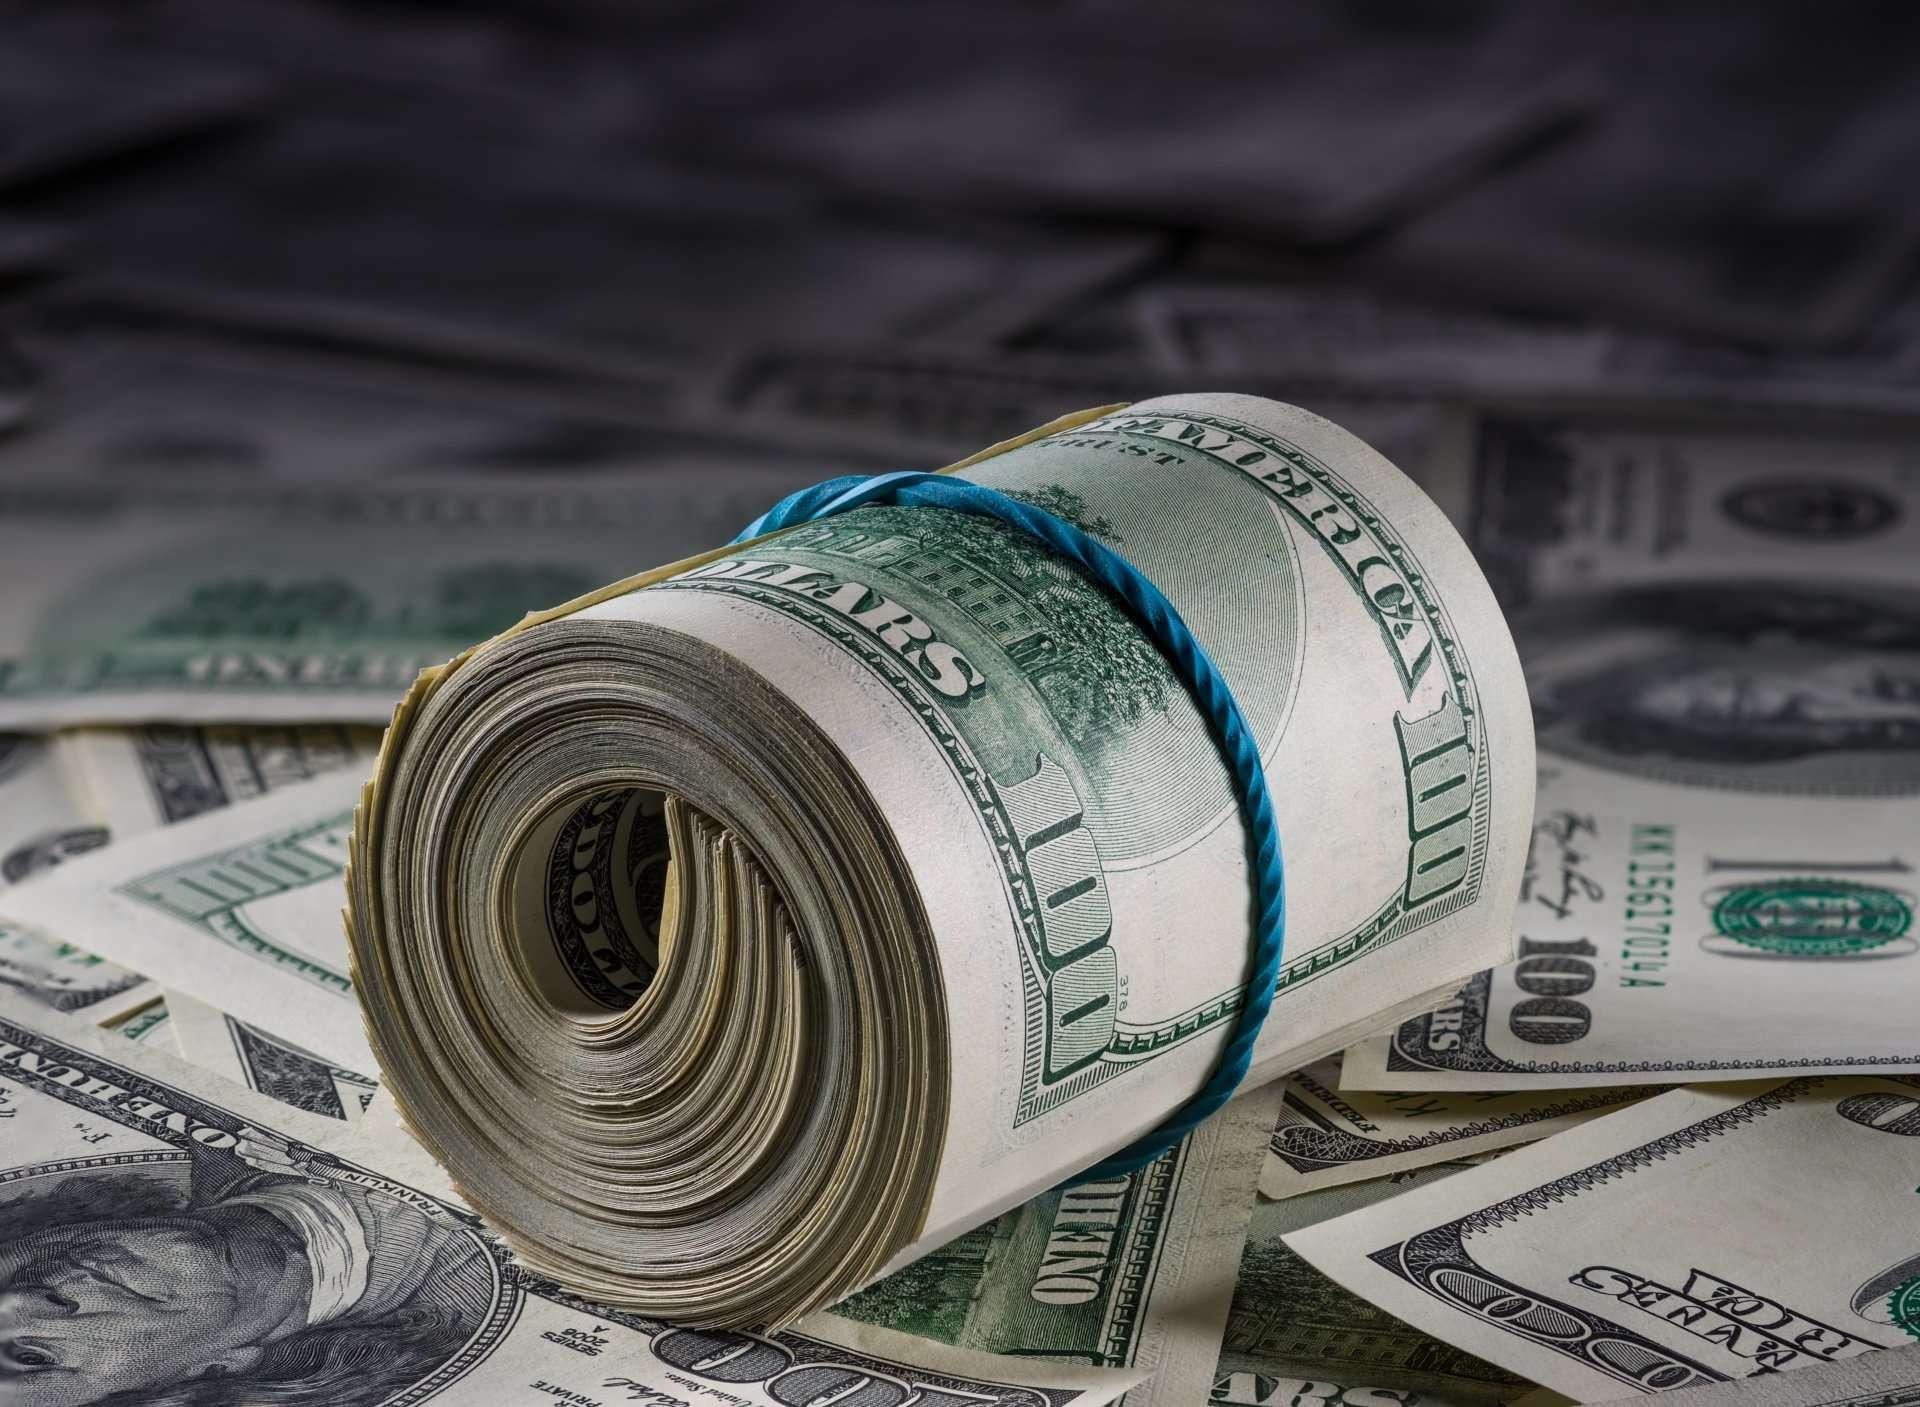 هشدار پوتین به آمریکا: جایگاه جهانی دلار تضعیف خواهد شد/ تداوم افت قیمت طلا و عقب نشینی طلای سیاه در بازار جهانی/ علامت فنی به بازار دلار؛ کاهش یا افزایش؟